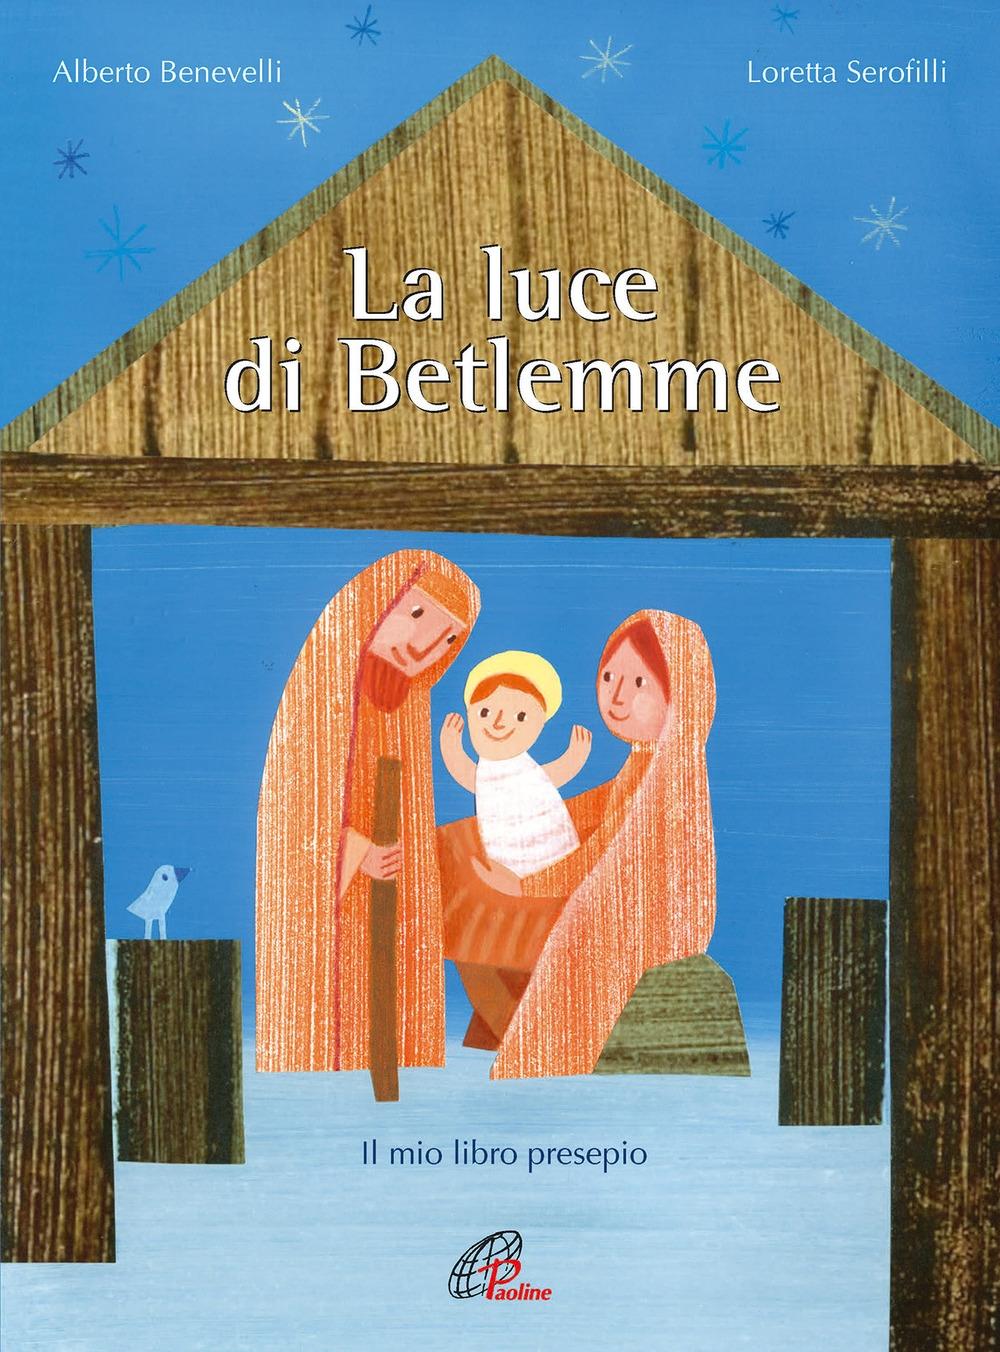 La luce di Betlemme. Il mio libro presepio.